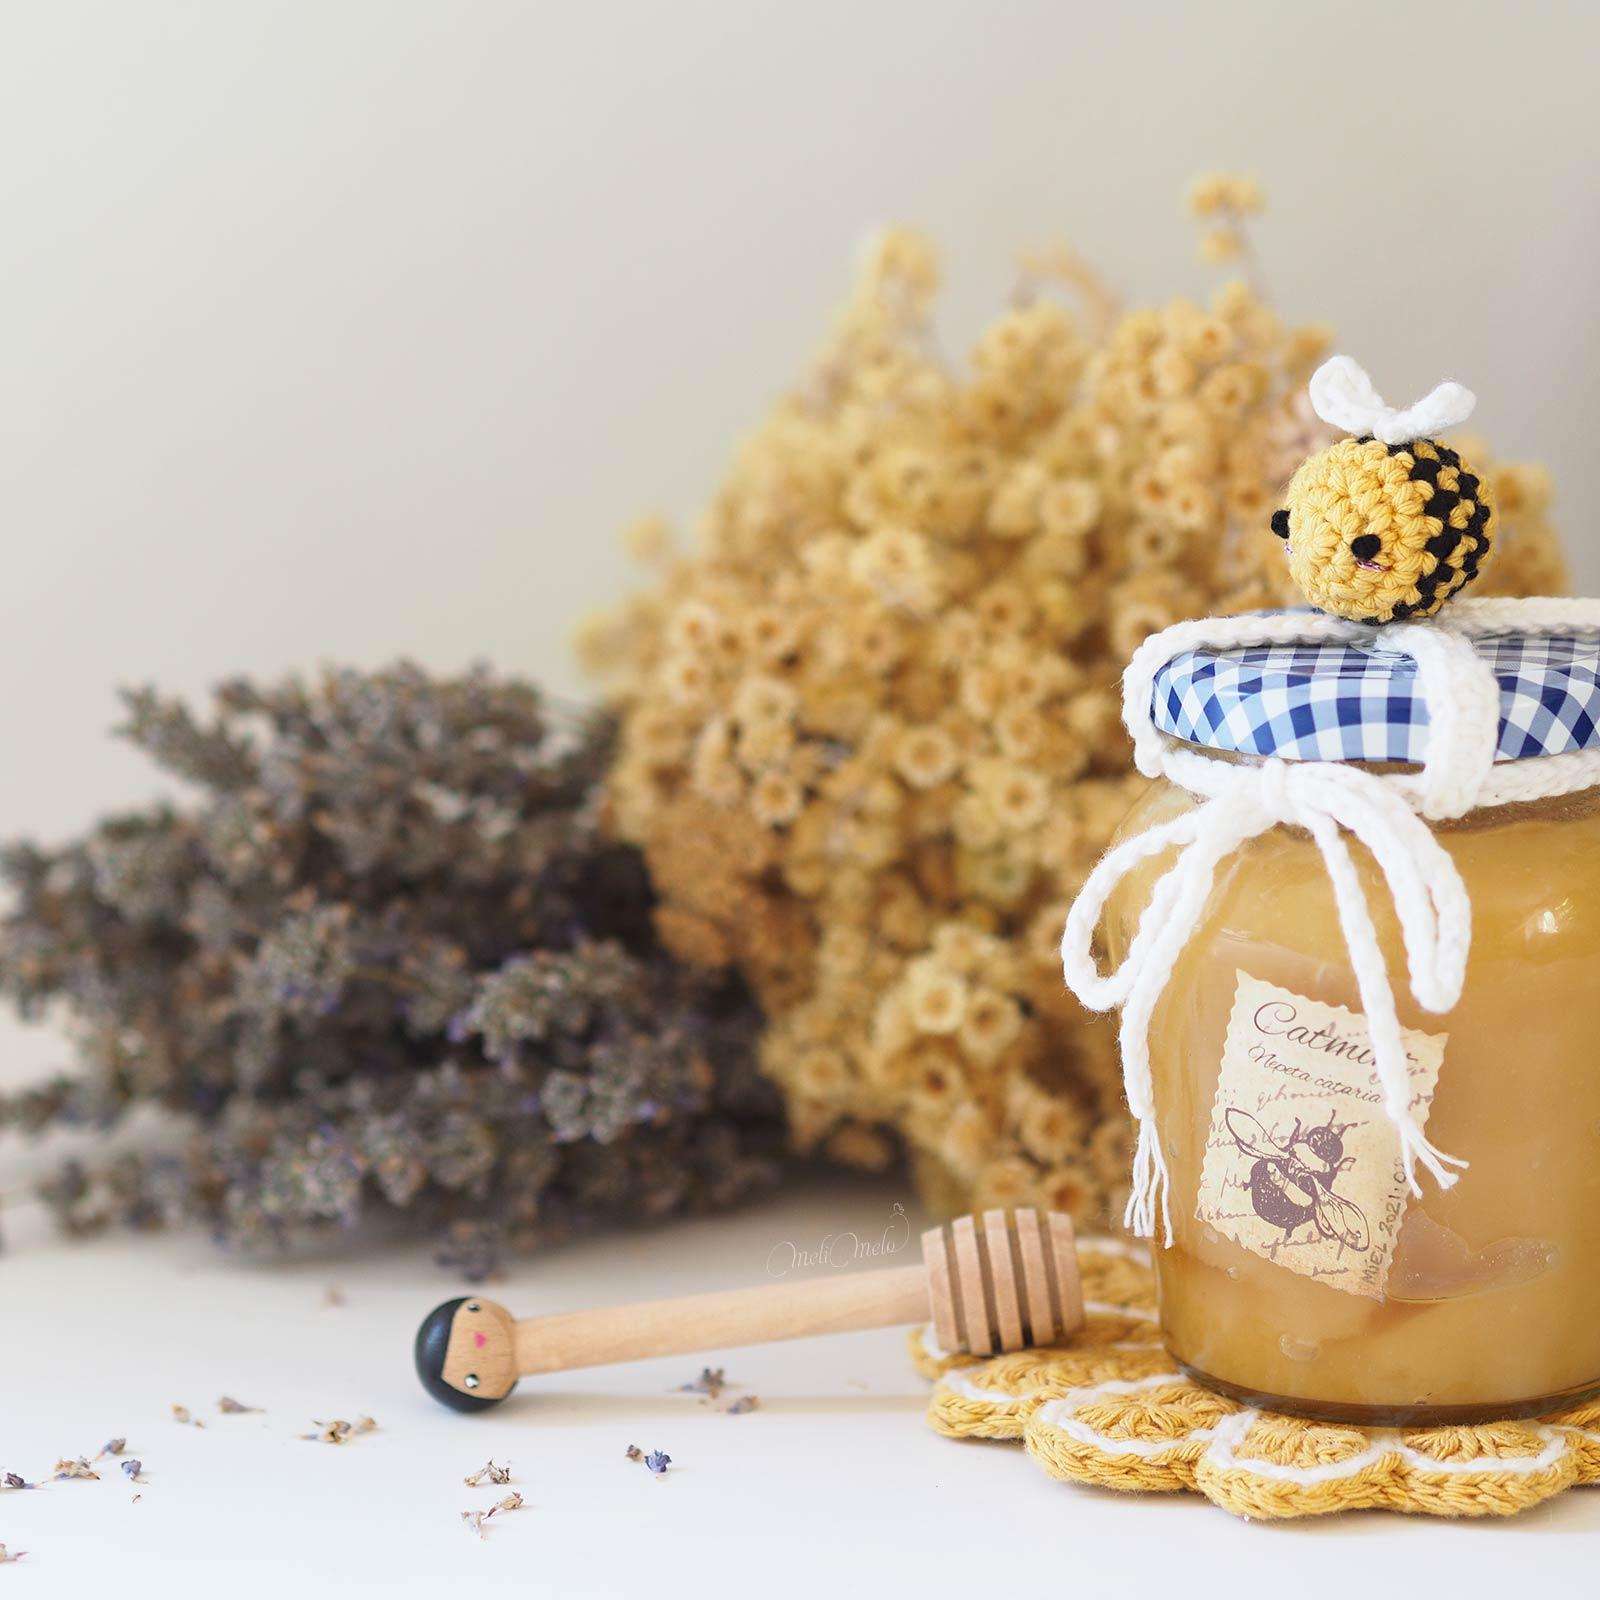 pot-miel-abeille-crochet-amigurumi-deco-gourmand-laboutiquedemelimelo